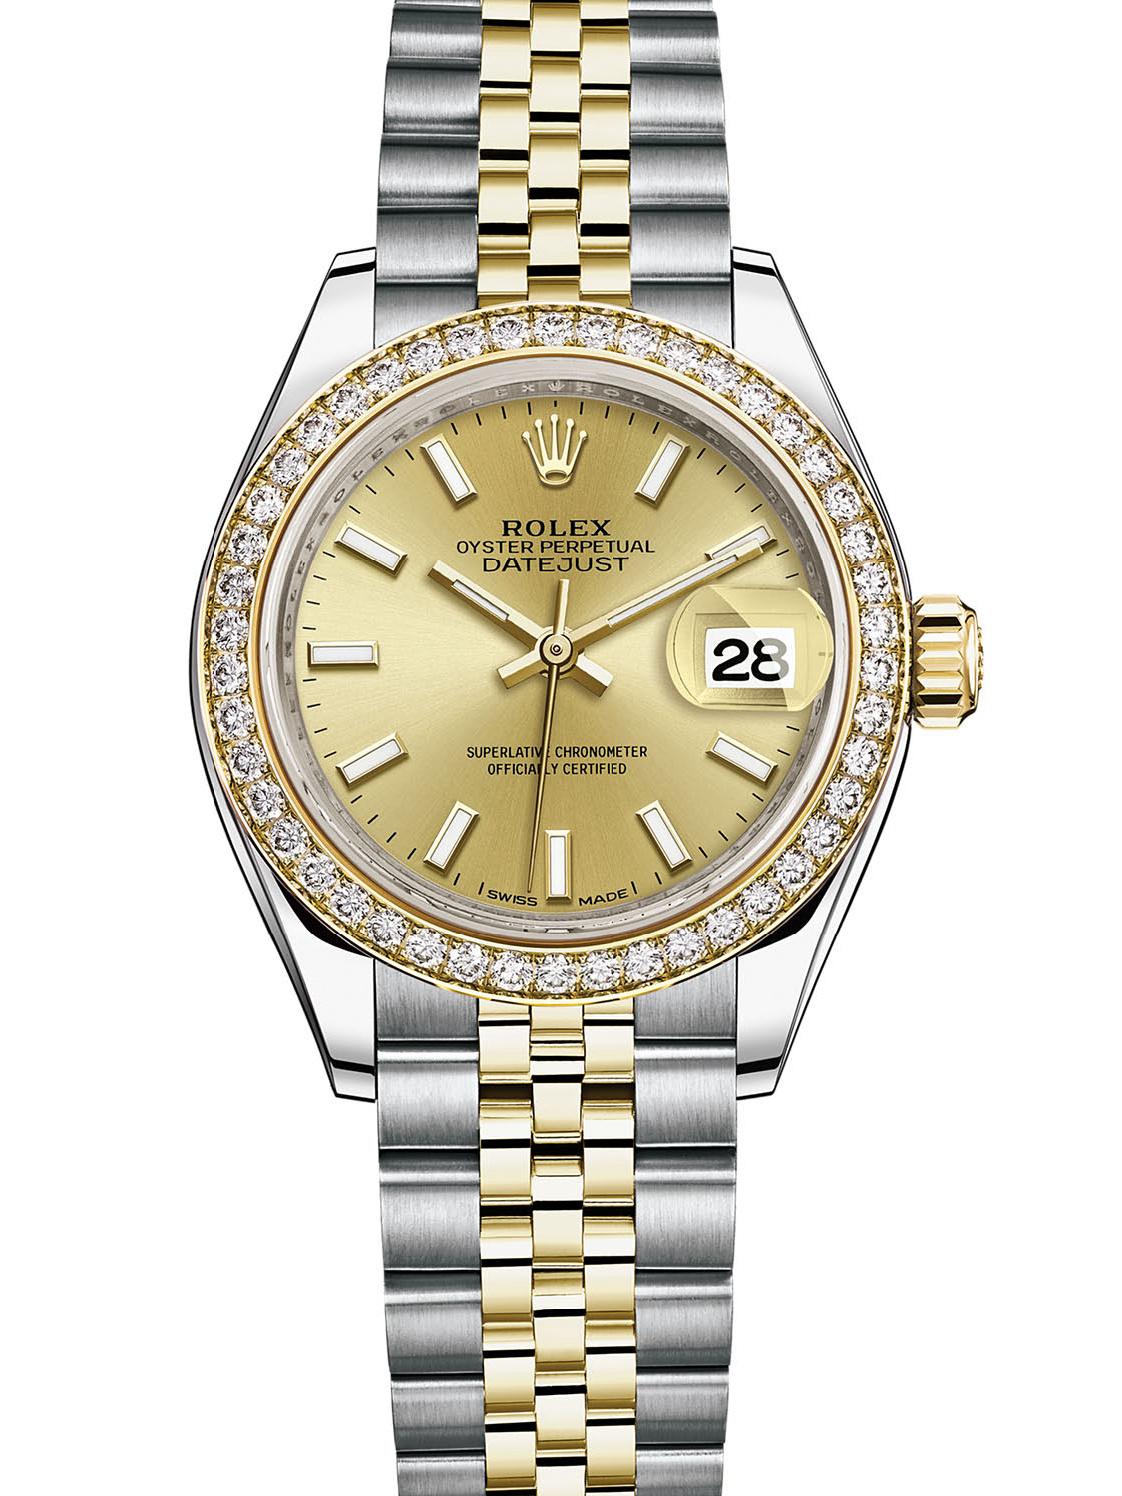 劳力士女装日志型28黄金钢钻圈金面女表279383RBR-0001